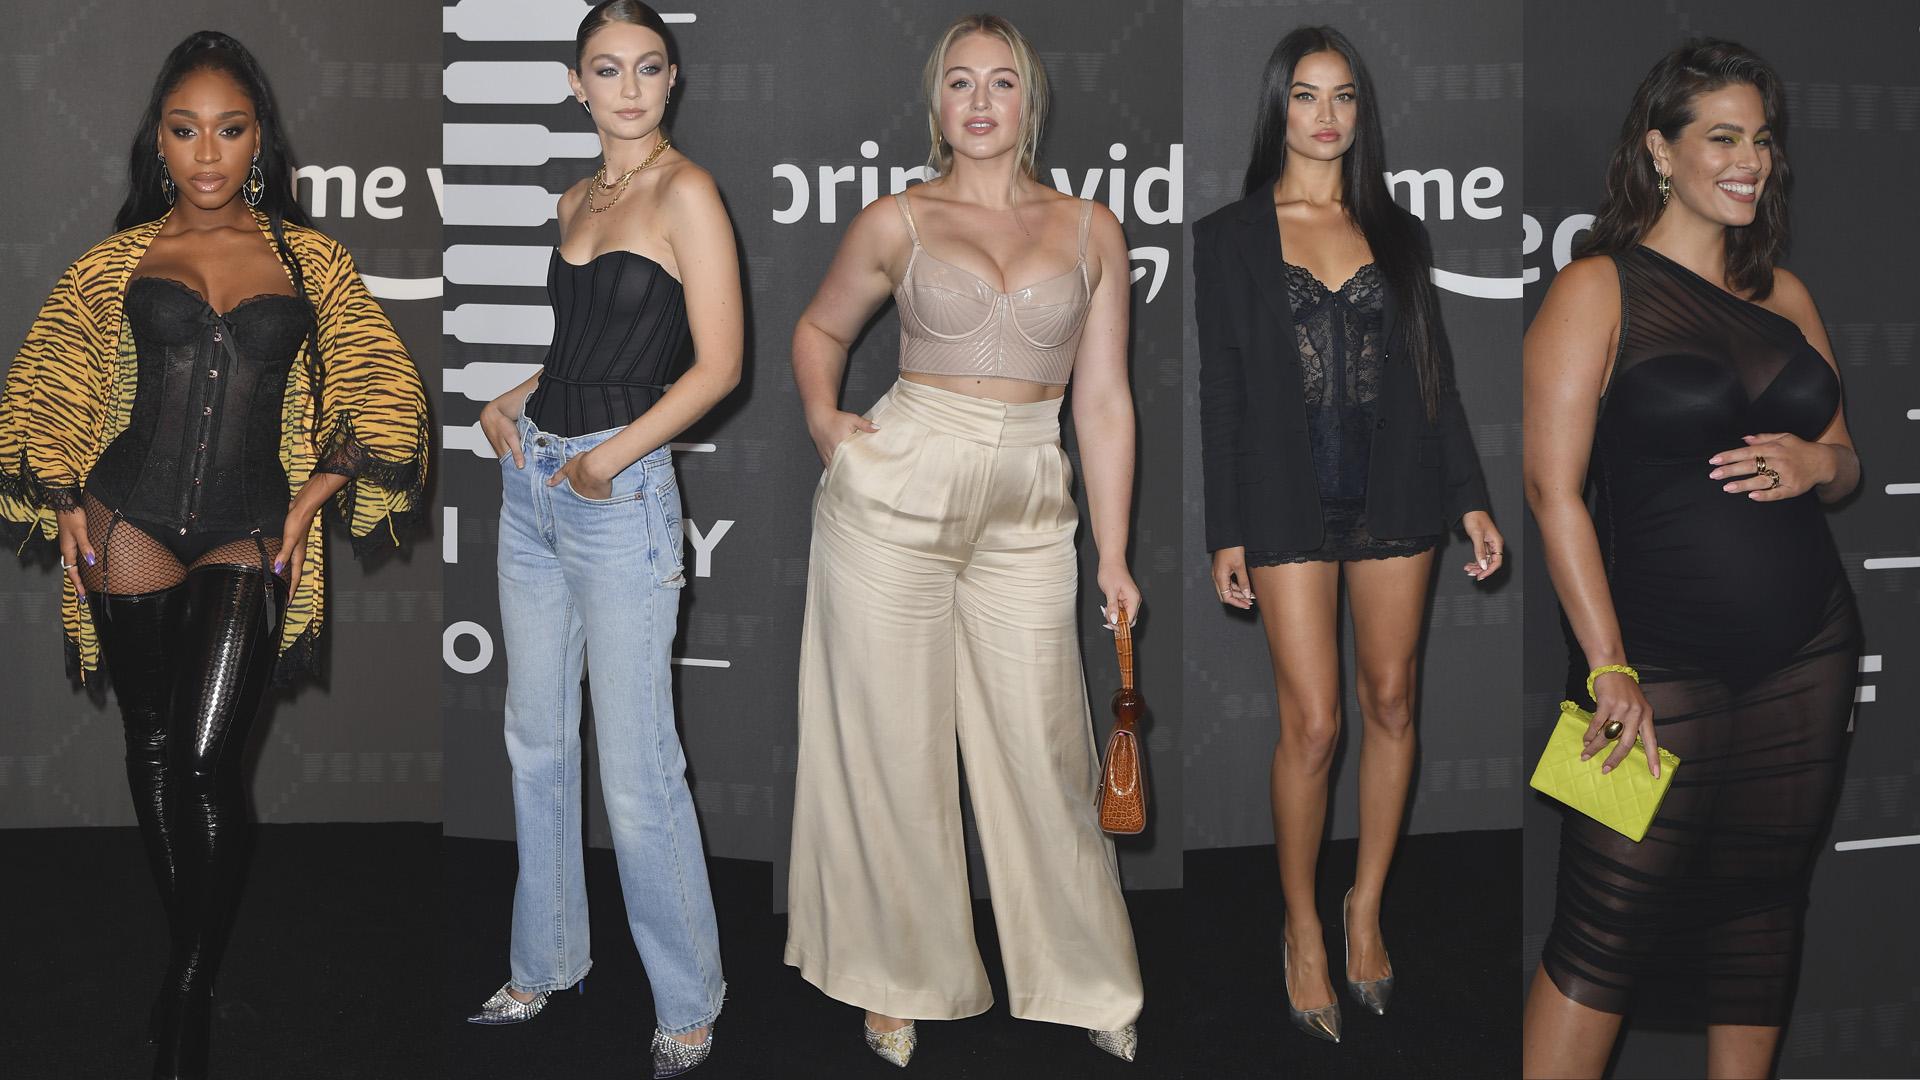 La cantante Normani, Gigi Hadid, Iskra Lawrence, Shanina Shaik y Ashley Graham, fueron algunas de las personalidades que atendieron al show.